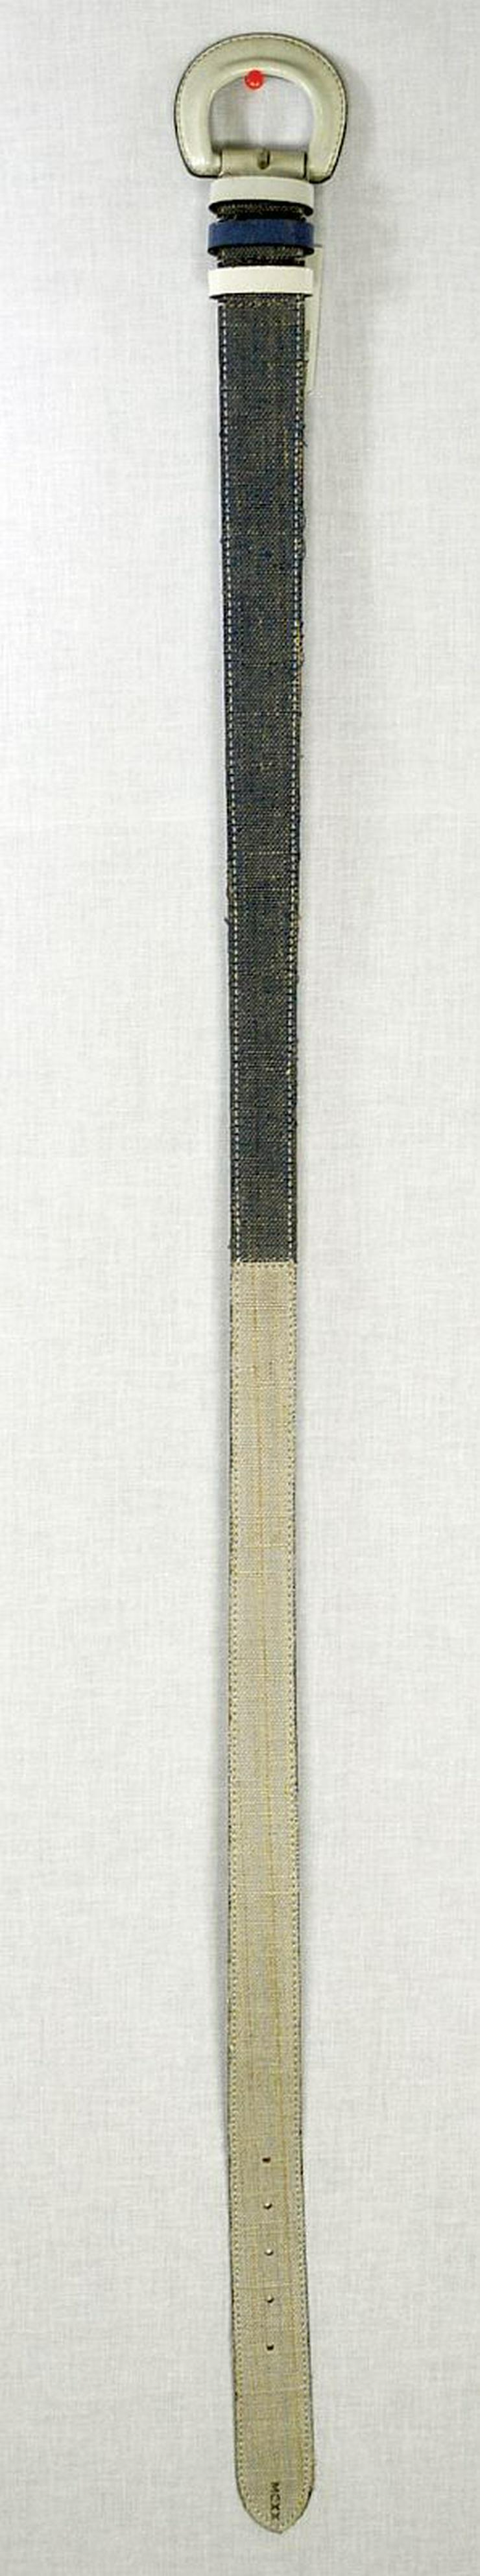 Mexx Damen Gürtel 100 cm Marken Gürtel 49111500 - Gürtel & Hosenträger - Bild 1